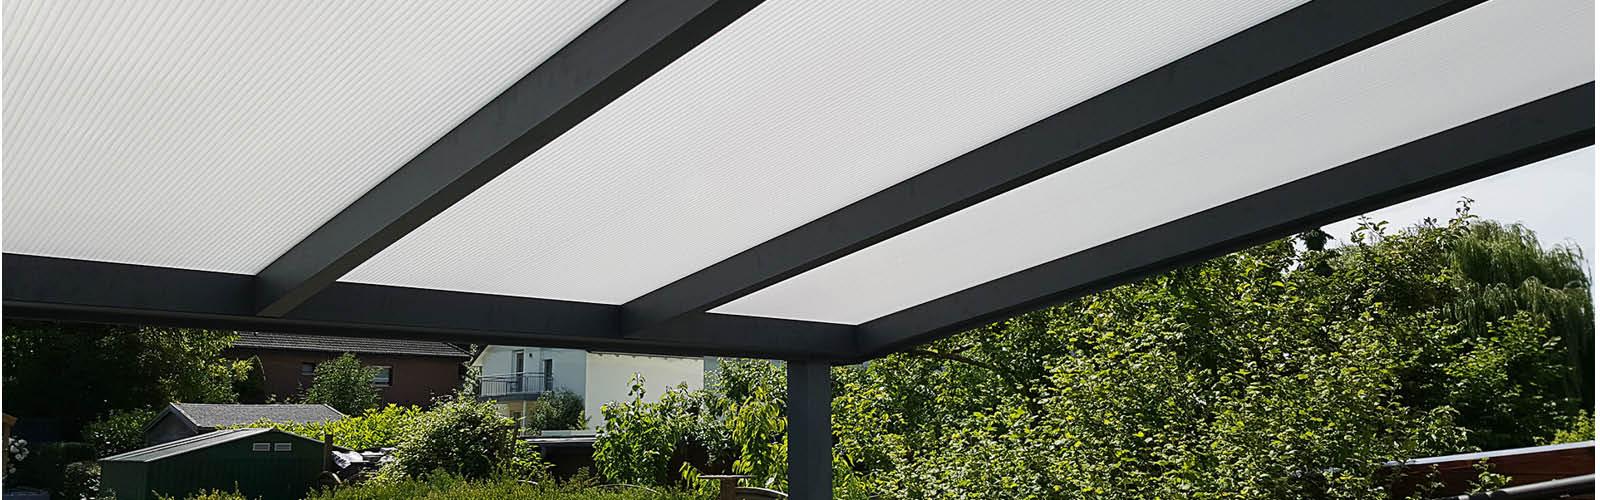 Stegplatten 16 mm Fachwerk Opalweiß mit Alu Unterbau